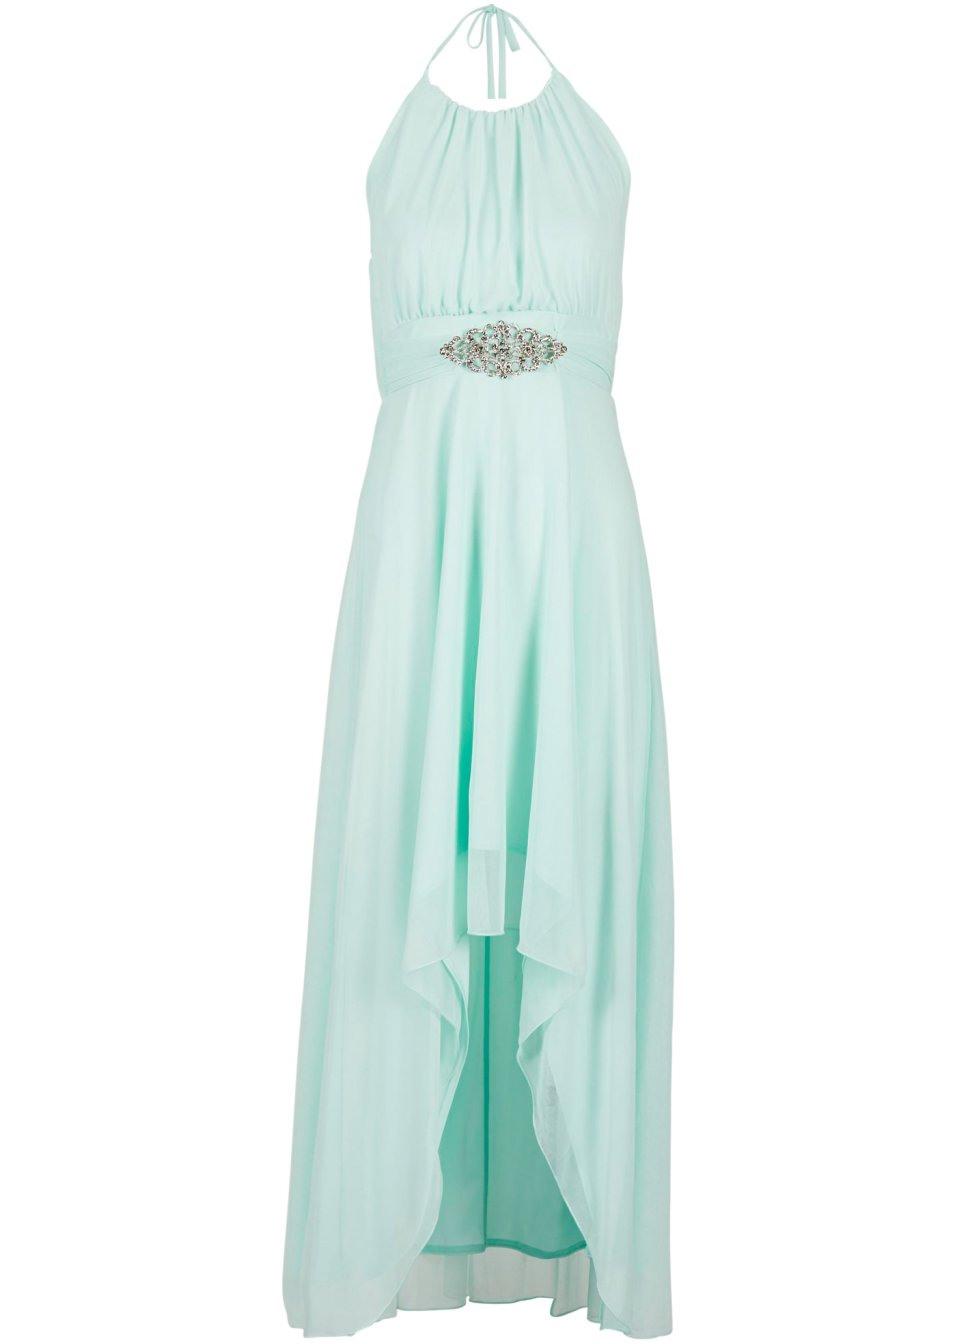 10 Elegant Kleid Lang Mint ÄrmelFormal Ausgezeichnet Kleid Lang Mint für 2019